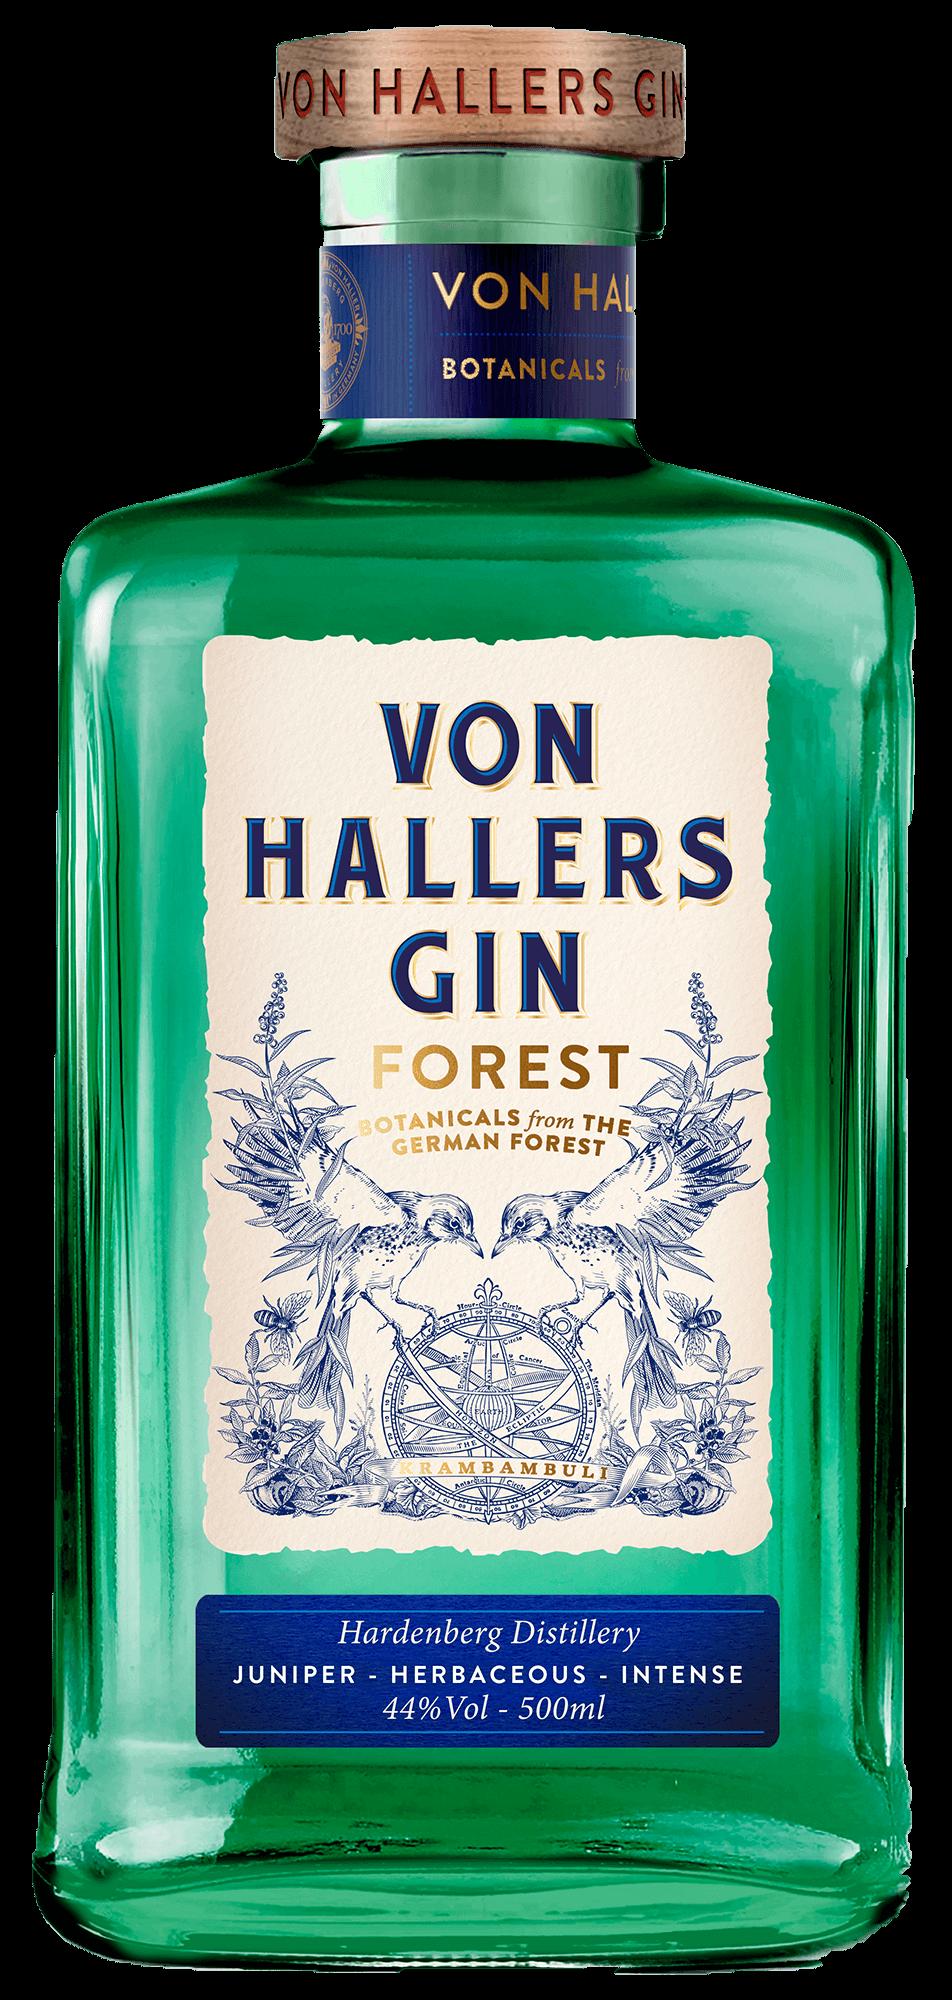 VON HALLERS GIN FOREST